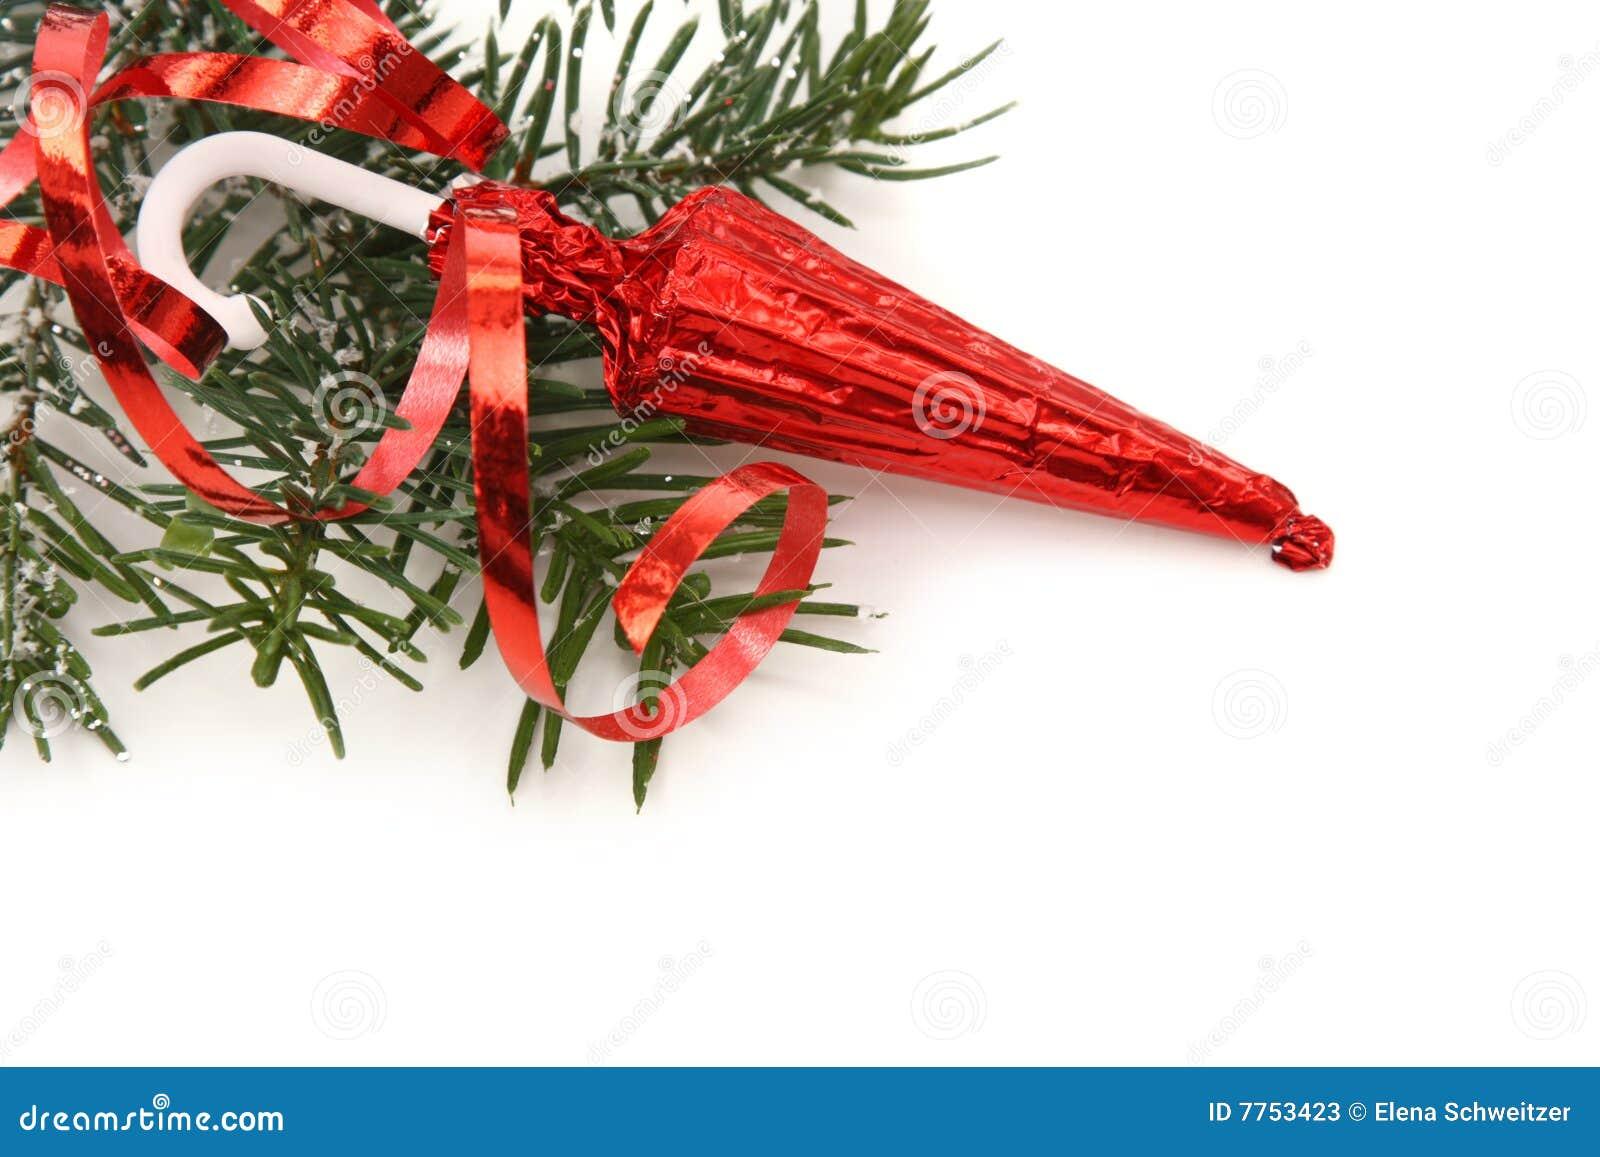 Kerstboom Met Zoete Paraplu Stock Afbeelding Afbeelding Bestaande